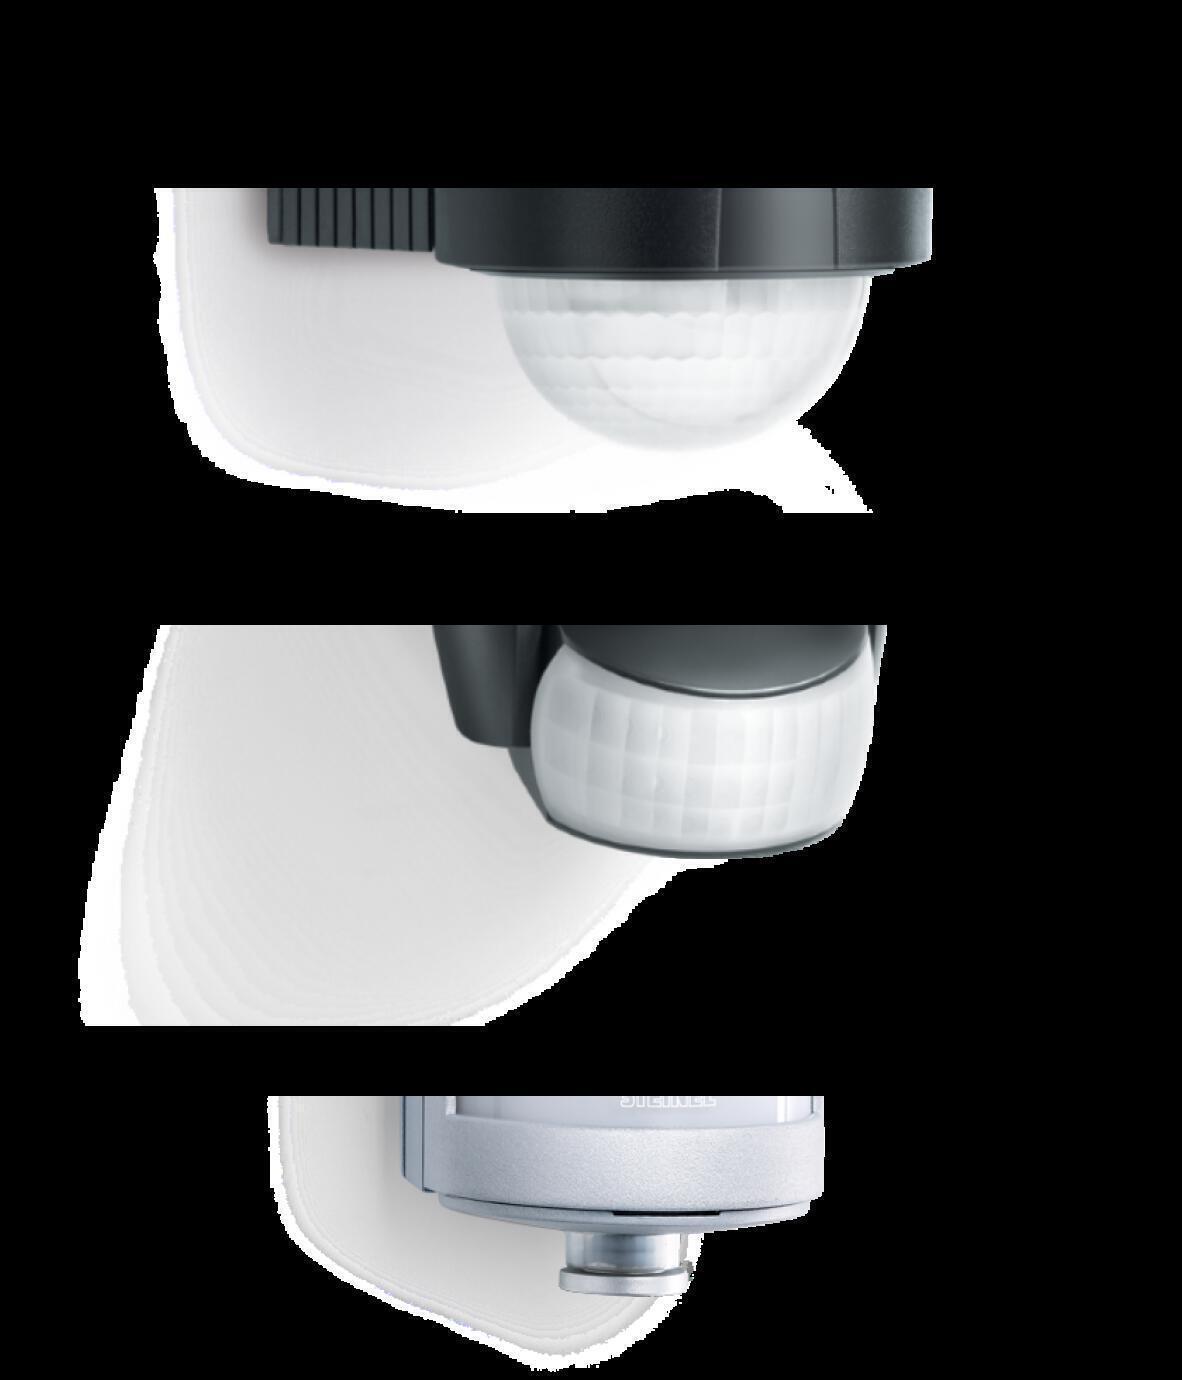 faq-sensoren-segmentlinsen